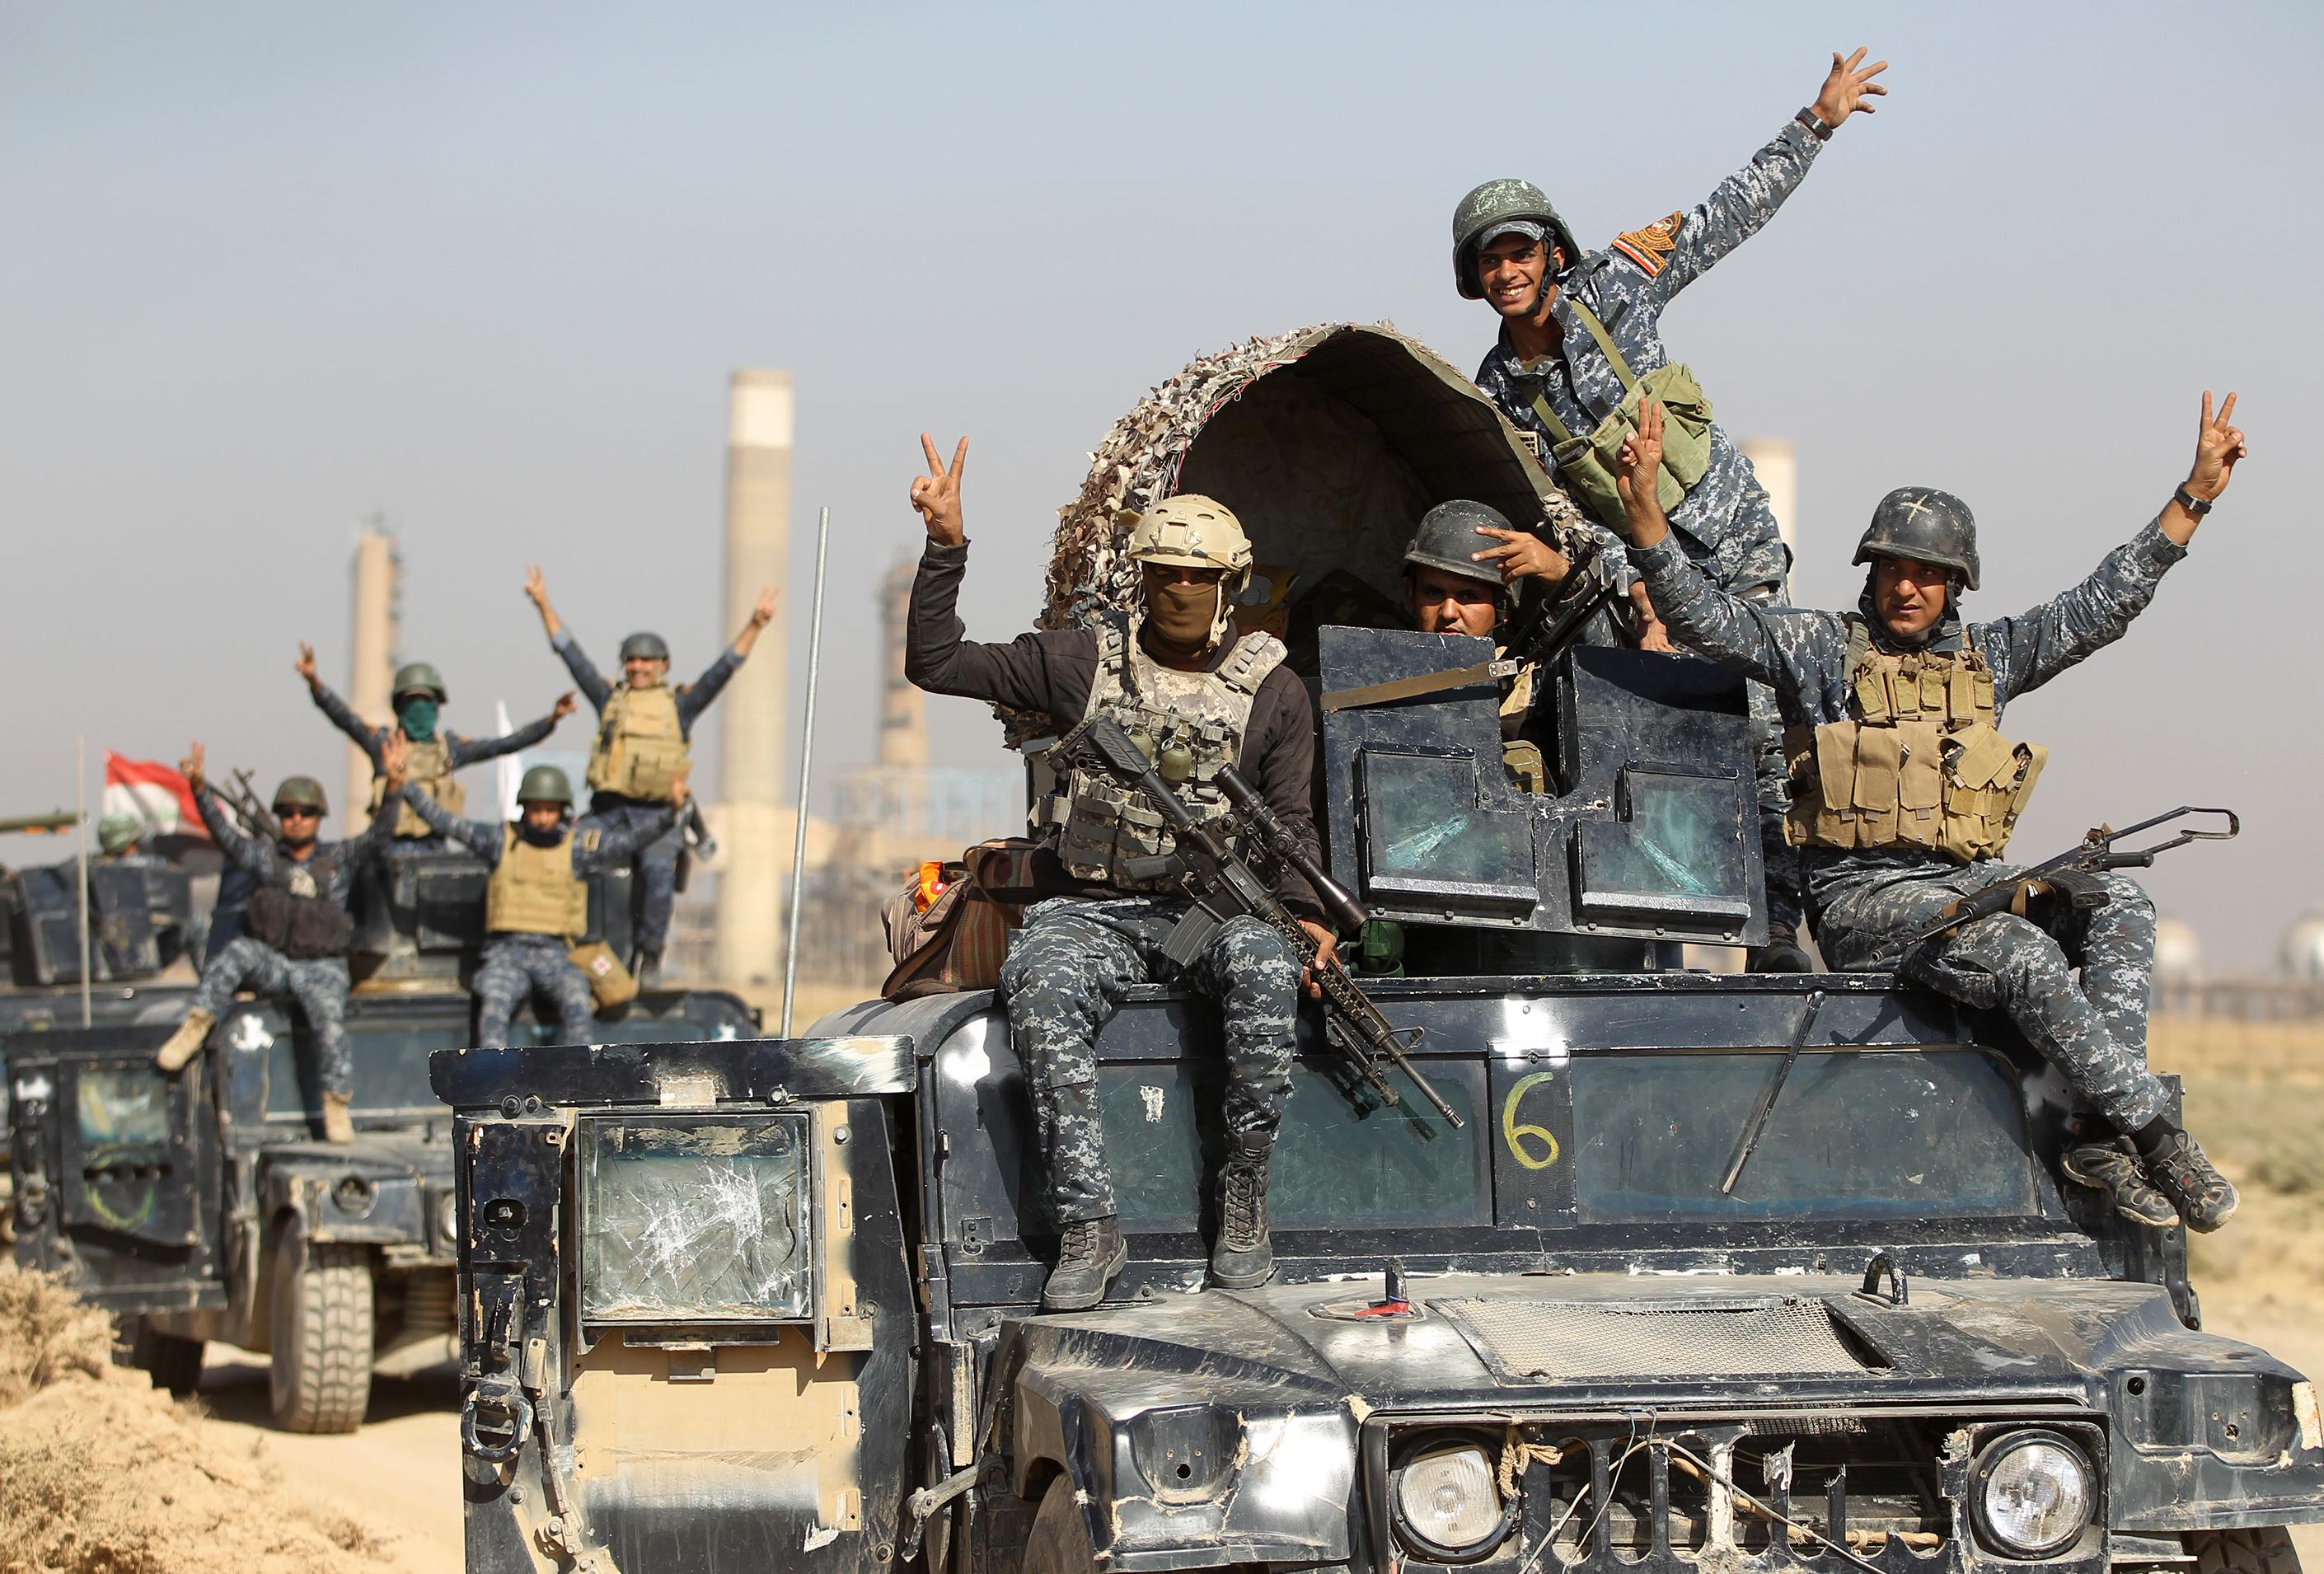 أفراد من القوات العراقية يرفعون علامة النصر أمام إحدى منشآت النفط في كركوك